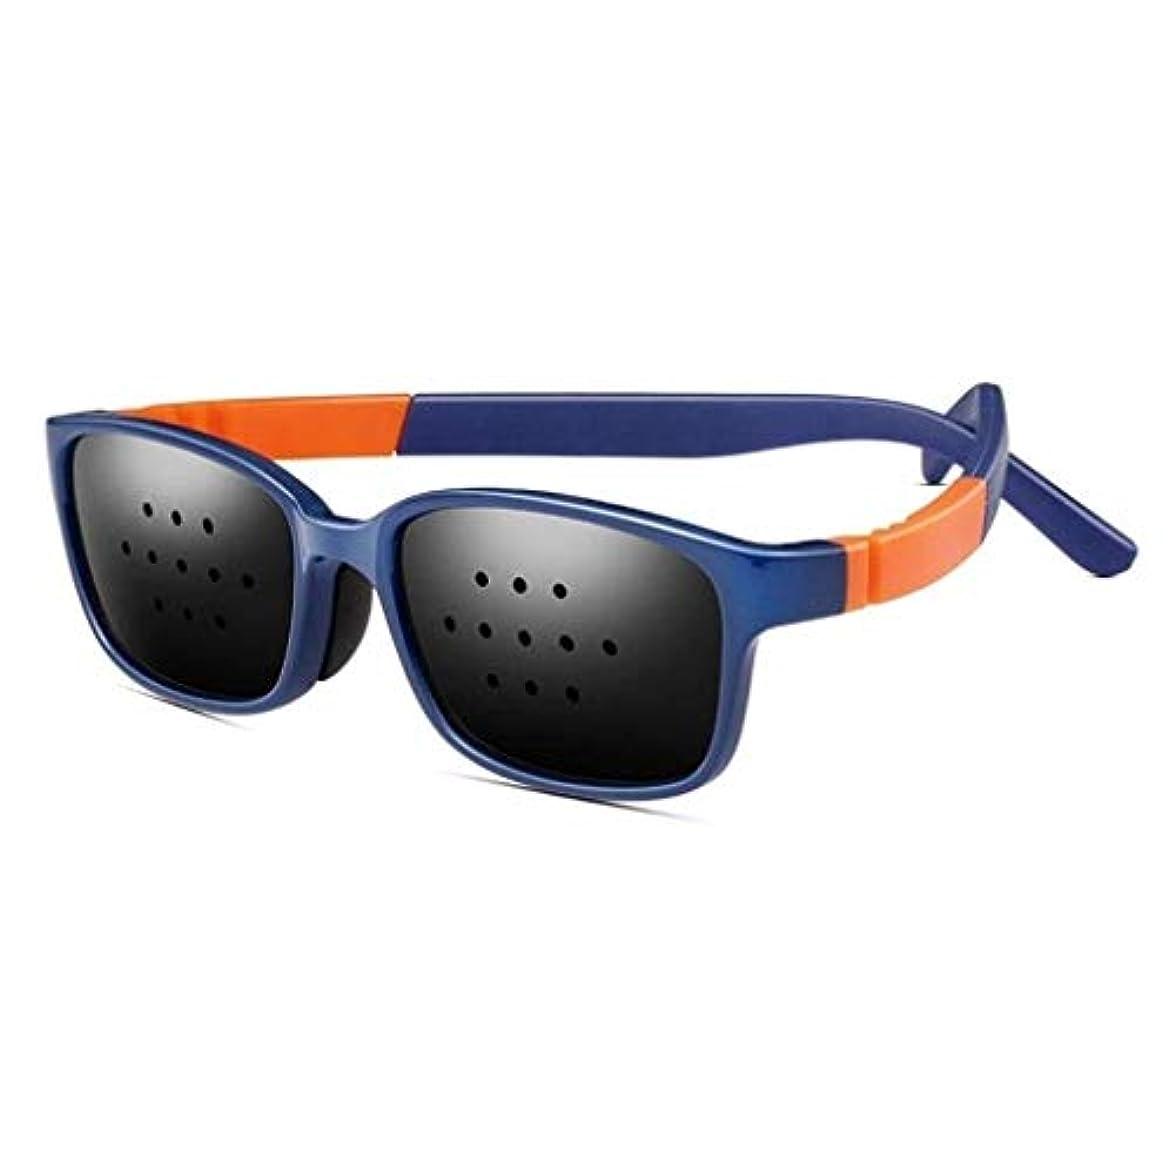 ユーモア悪性のシャッフルユニセックス視力ビジョンケアビジョン改善ピンホールメガネ目エクササイズファッションナチュラル (Color : 紫の)